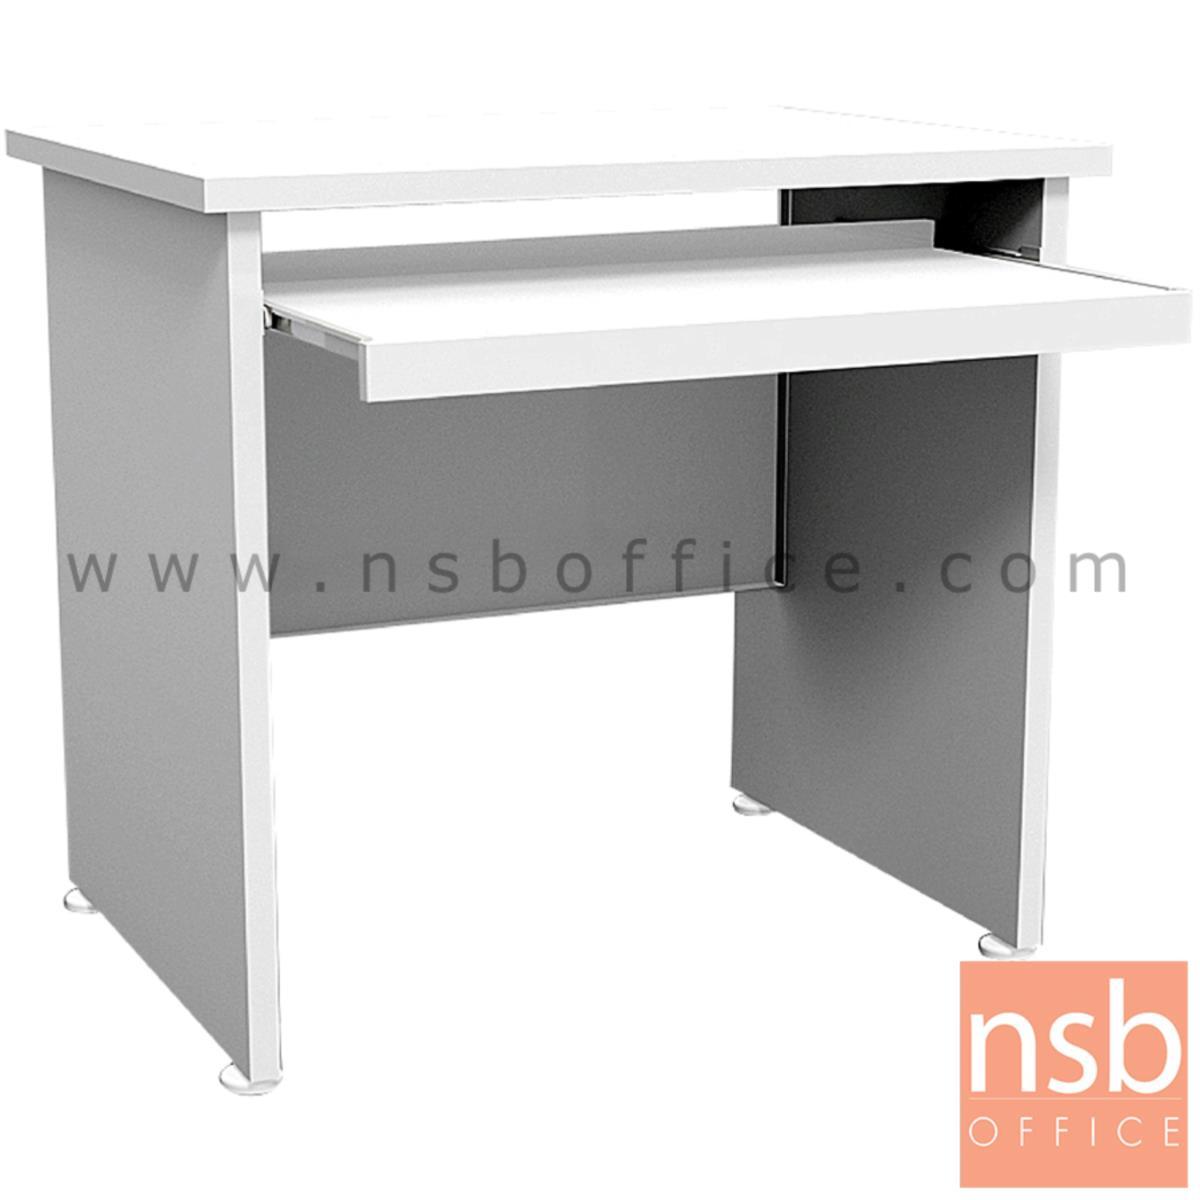 A20A029:โต๊ะคอมพิวเตอร์  รุ่น Newmine (นิวมาย) ขนาด 80W cm. พร้อมรางคีบอร์ด  ขาโต๊ะปรับระดับได้